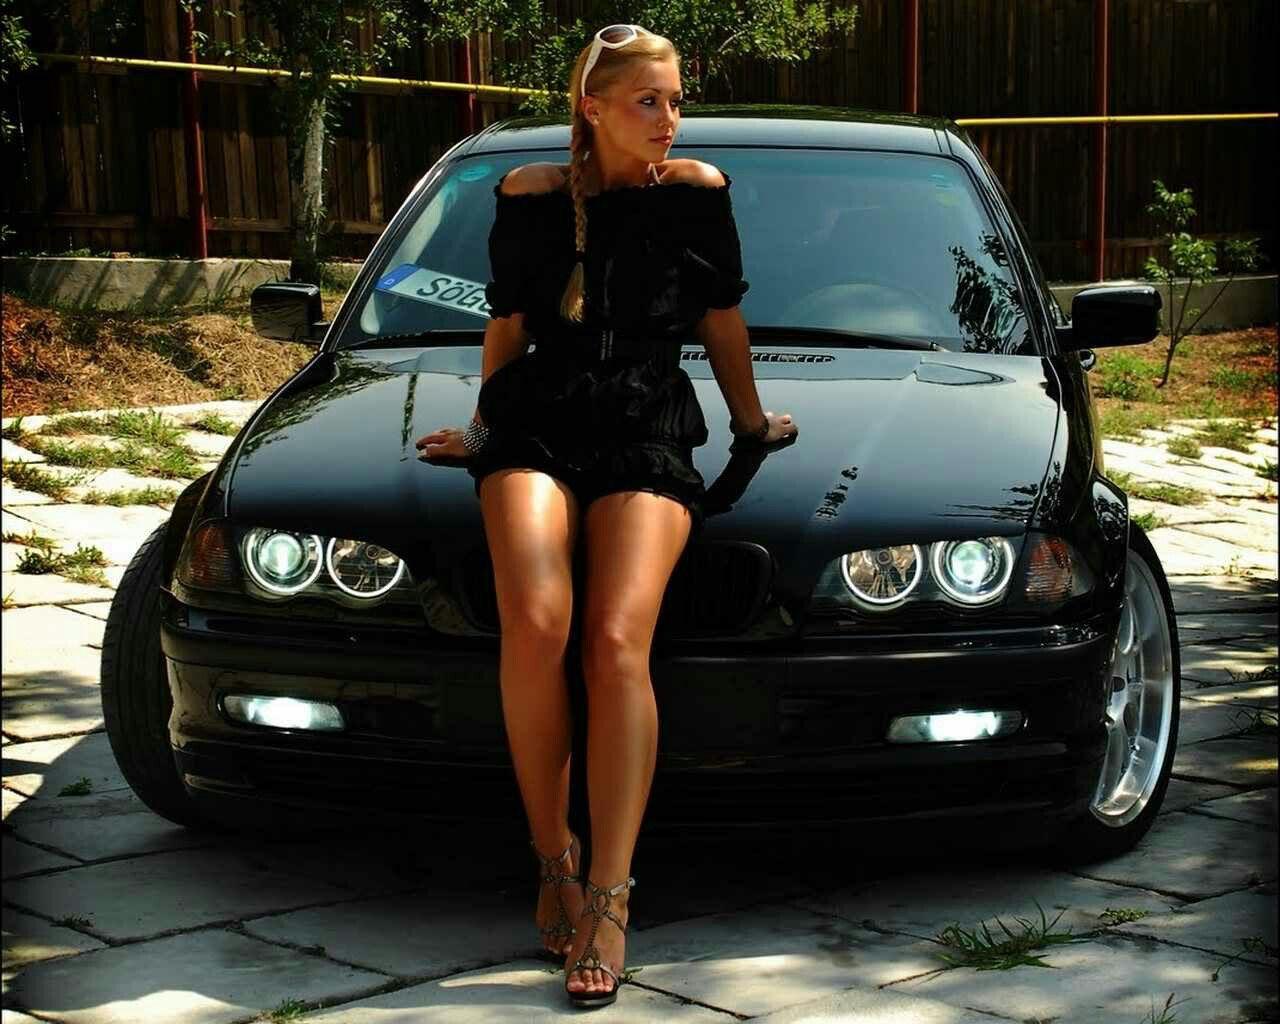 Κανεις δεν το περιμενε αυτο - Ο Μπαμπης παρεδωσε τις πινακιδες της BMW στην εφορια